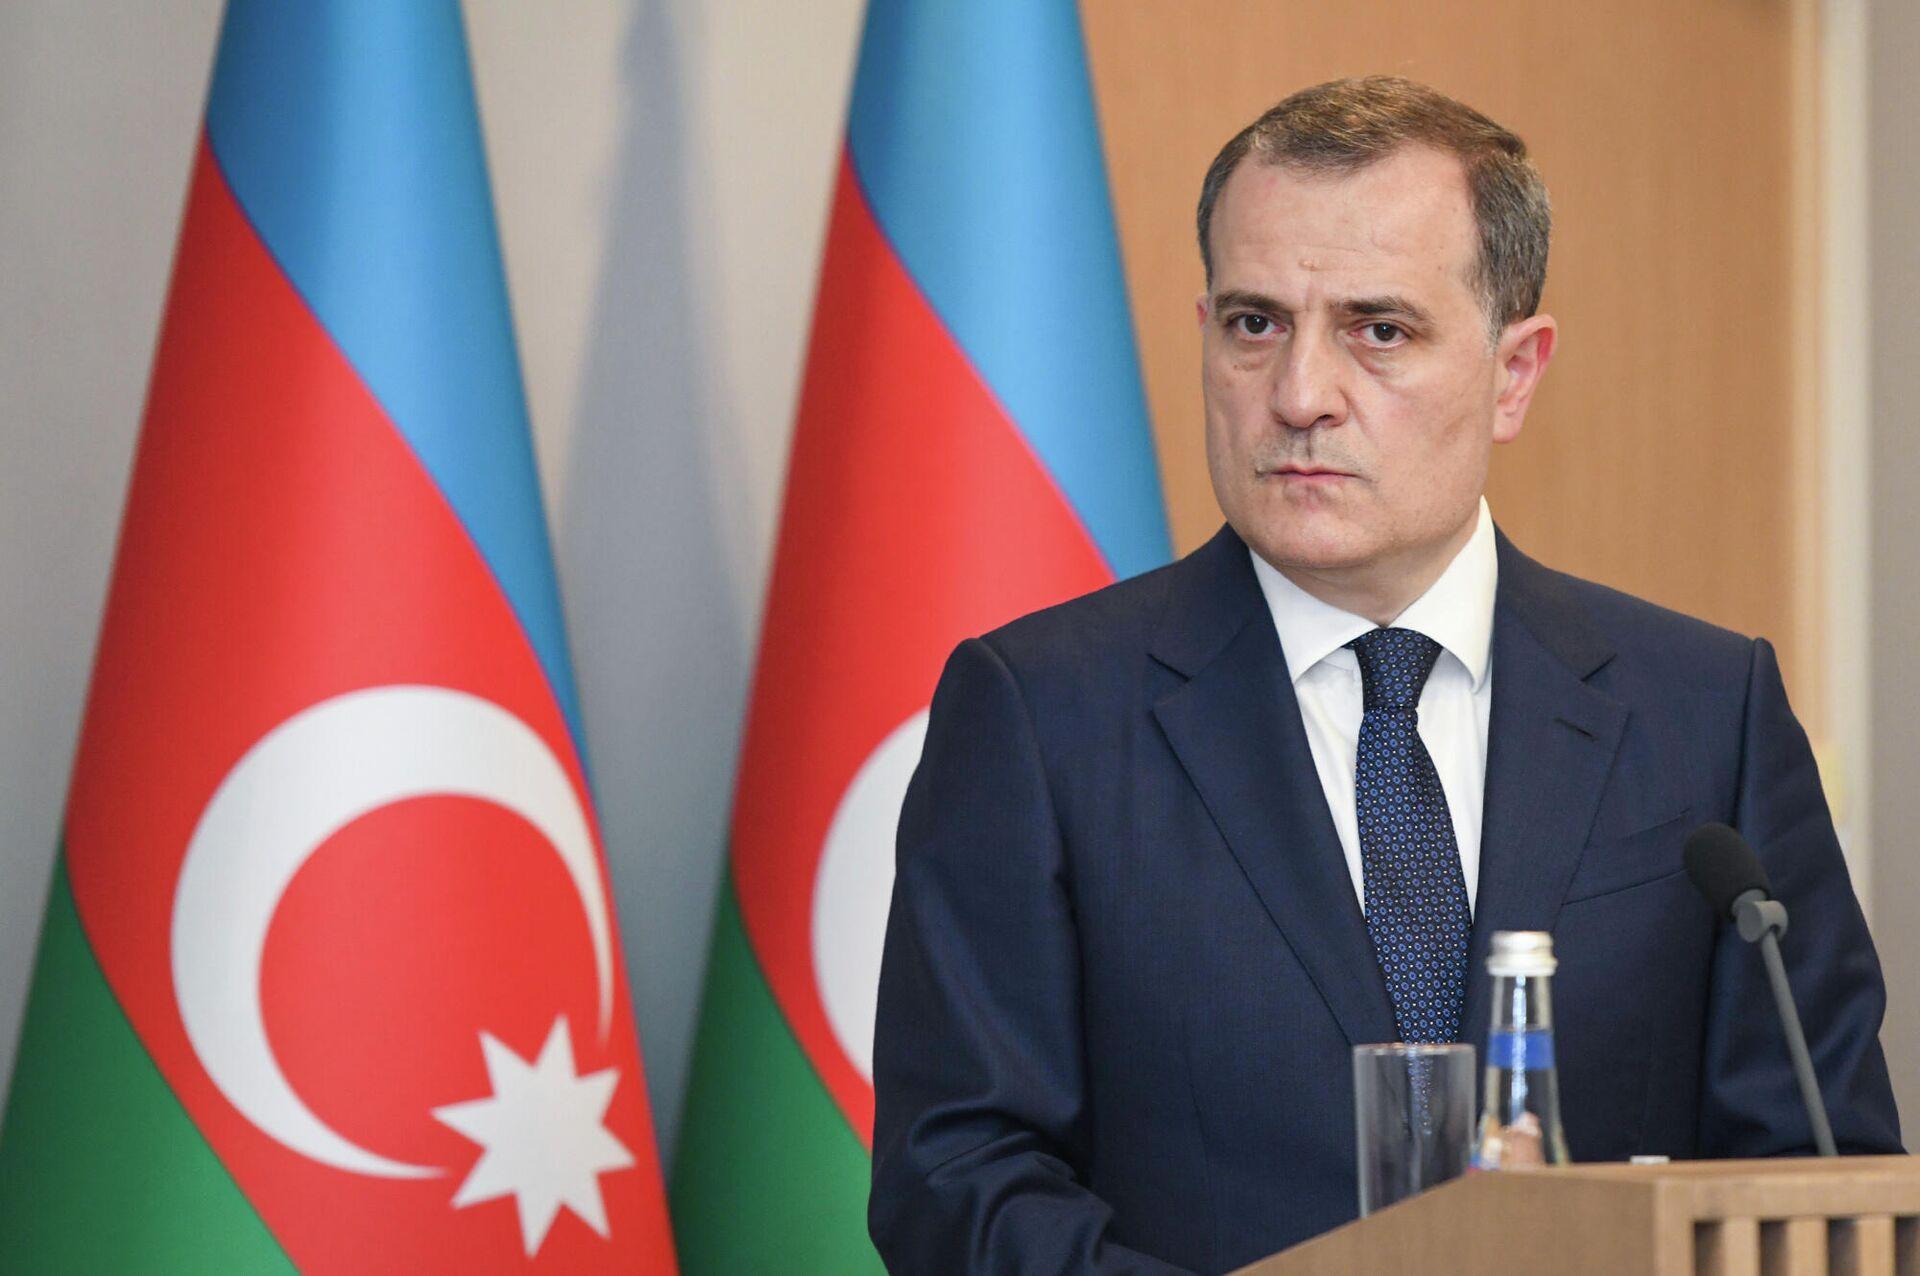 Глава МИД Азербайджана Джейхун Байрамов - Sputnik Azərbaycan, 1920, 30.09.2021